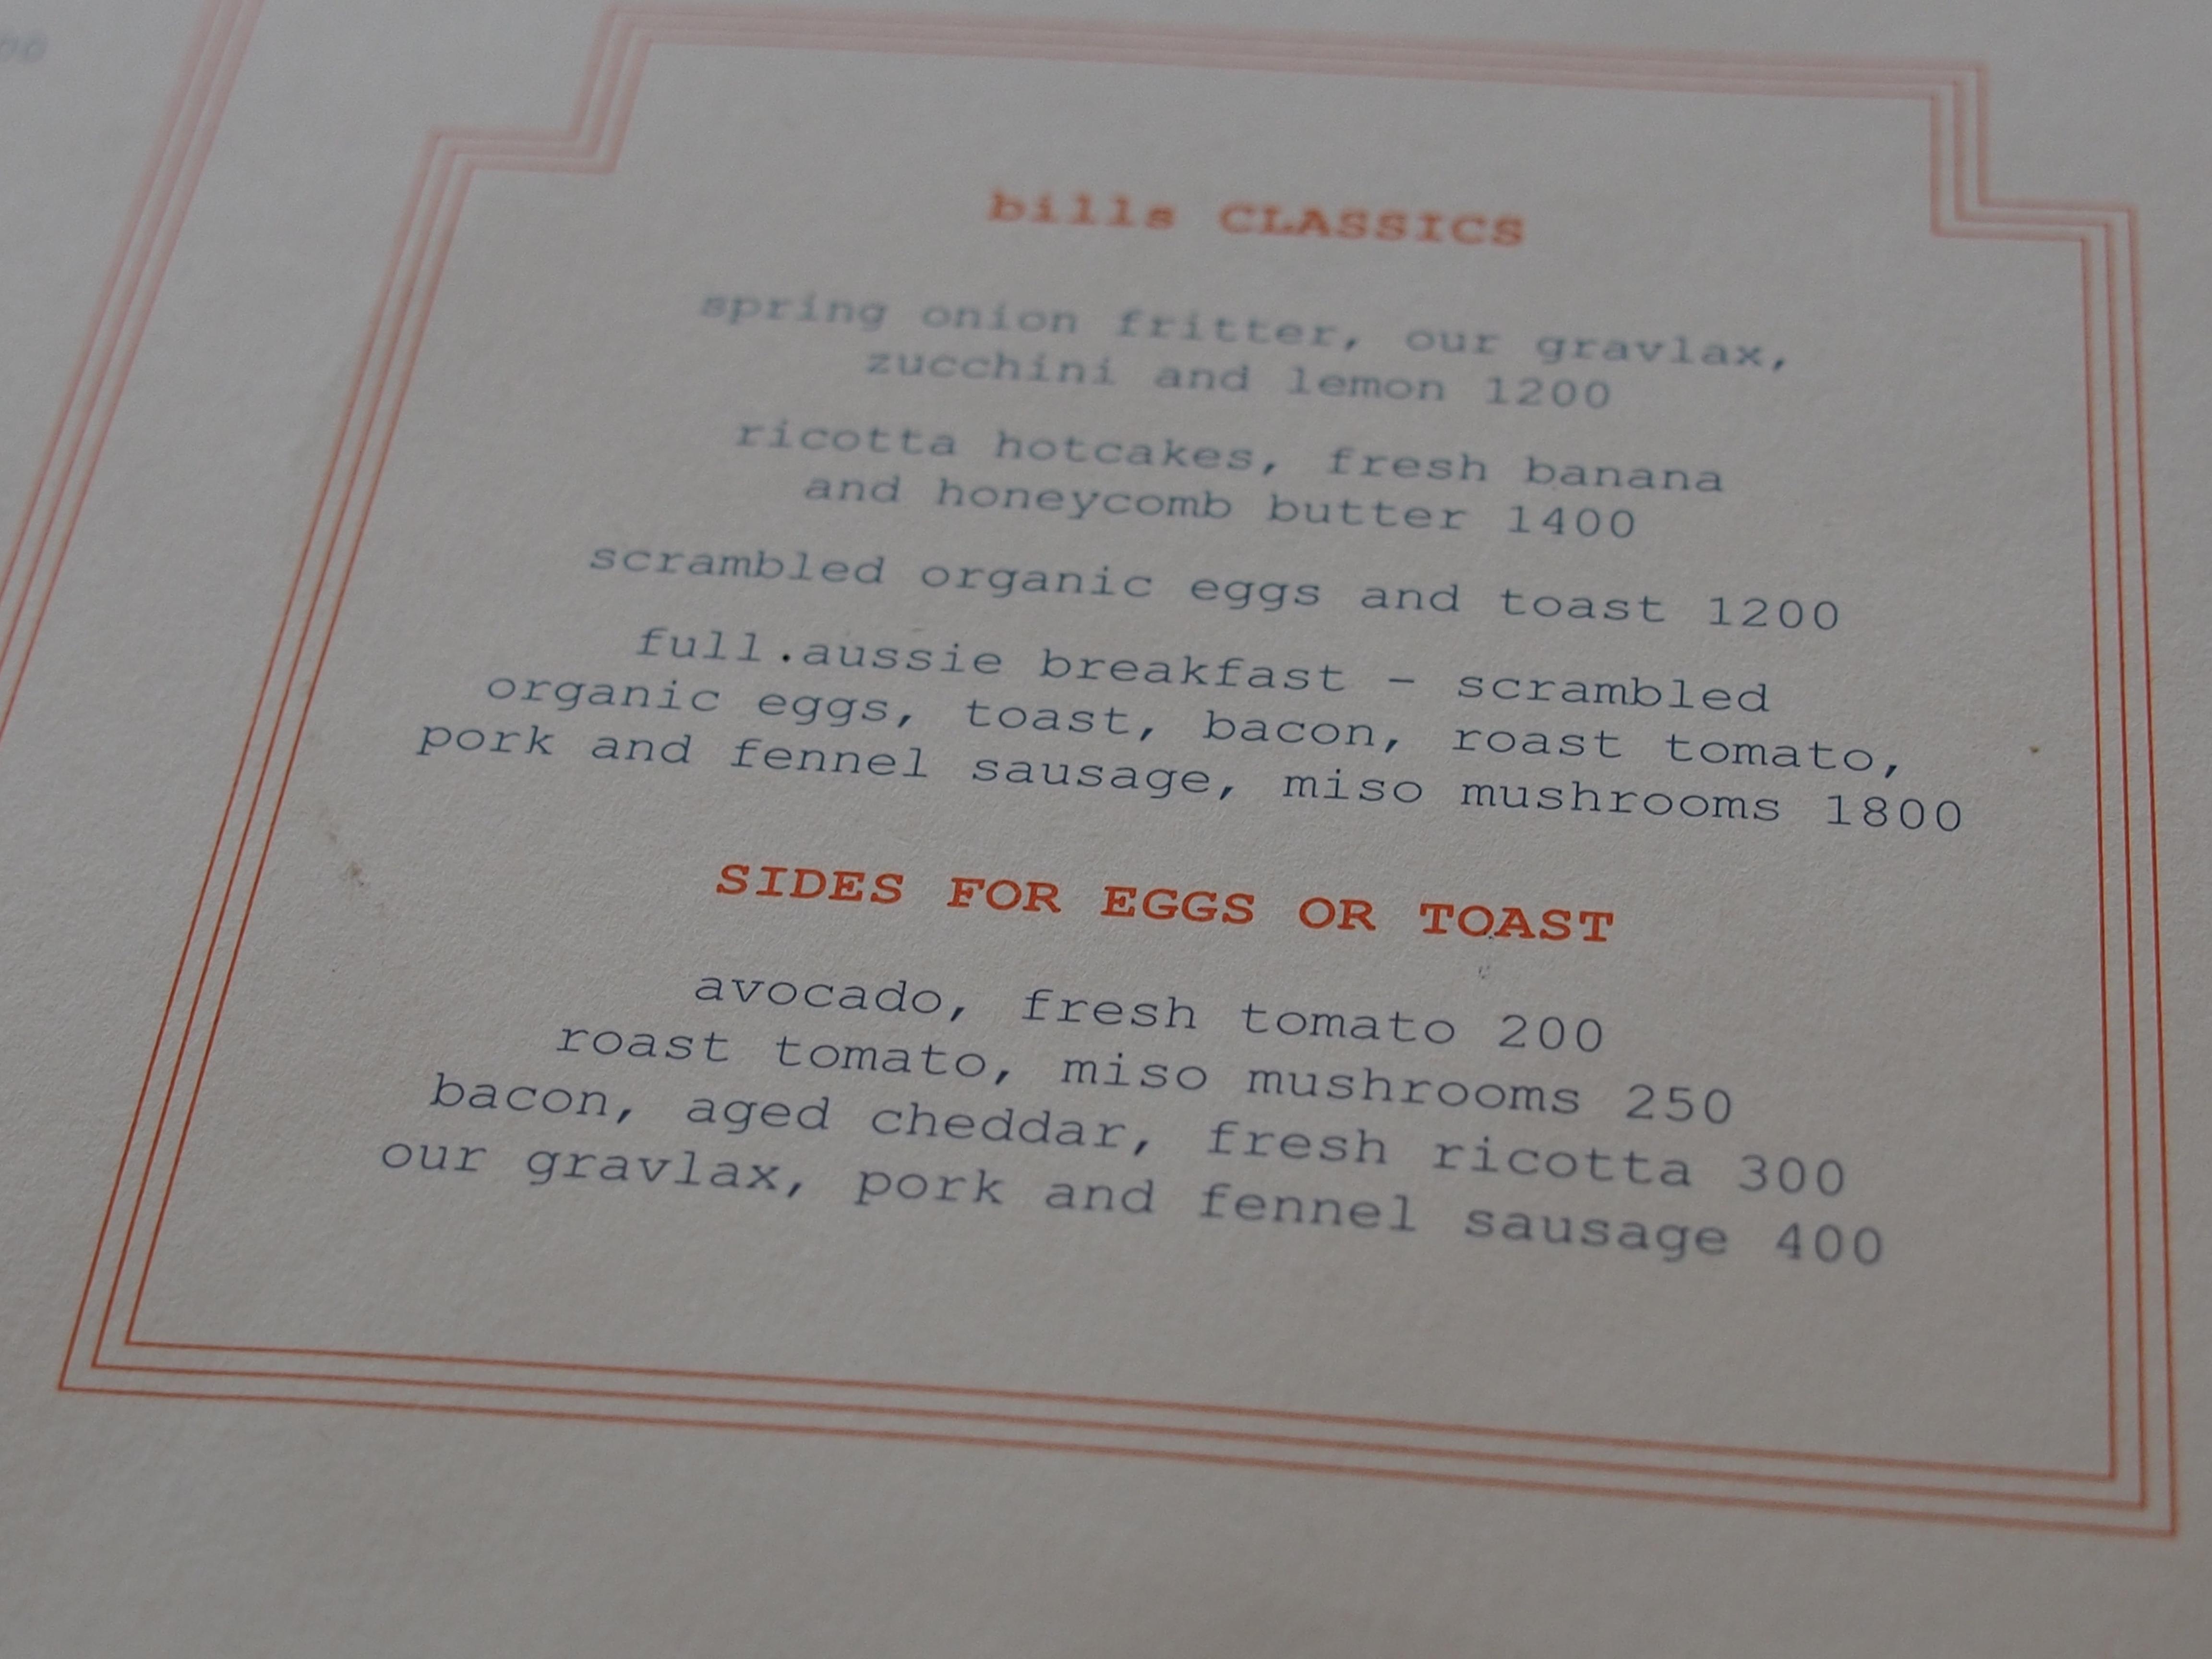 東京必吃美食推薦 ▎bills。紐約時報評比第一 ❤ @ 表參道 @ ▌Meiko 愛敗家。甜點。旅行~▌ :: 痞客邦